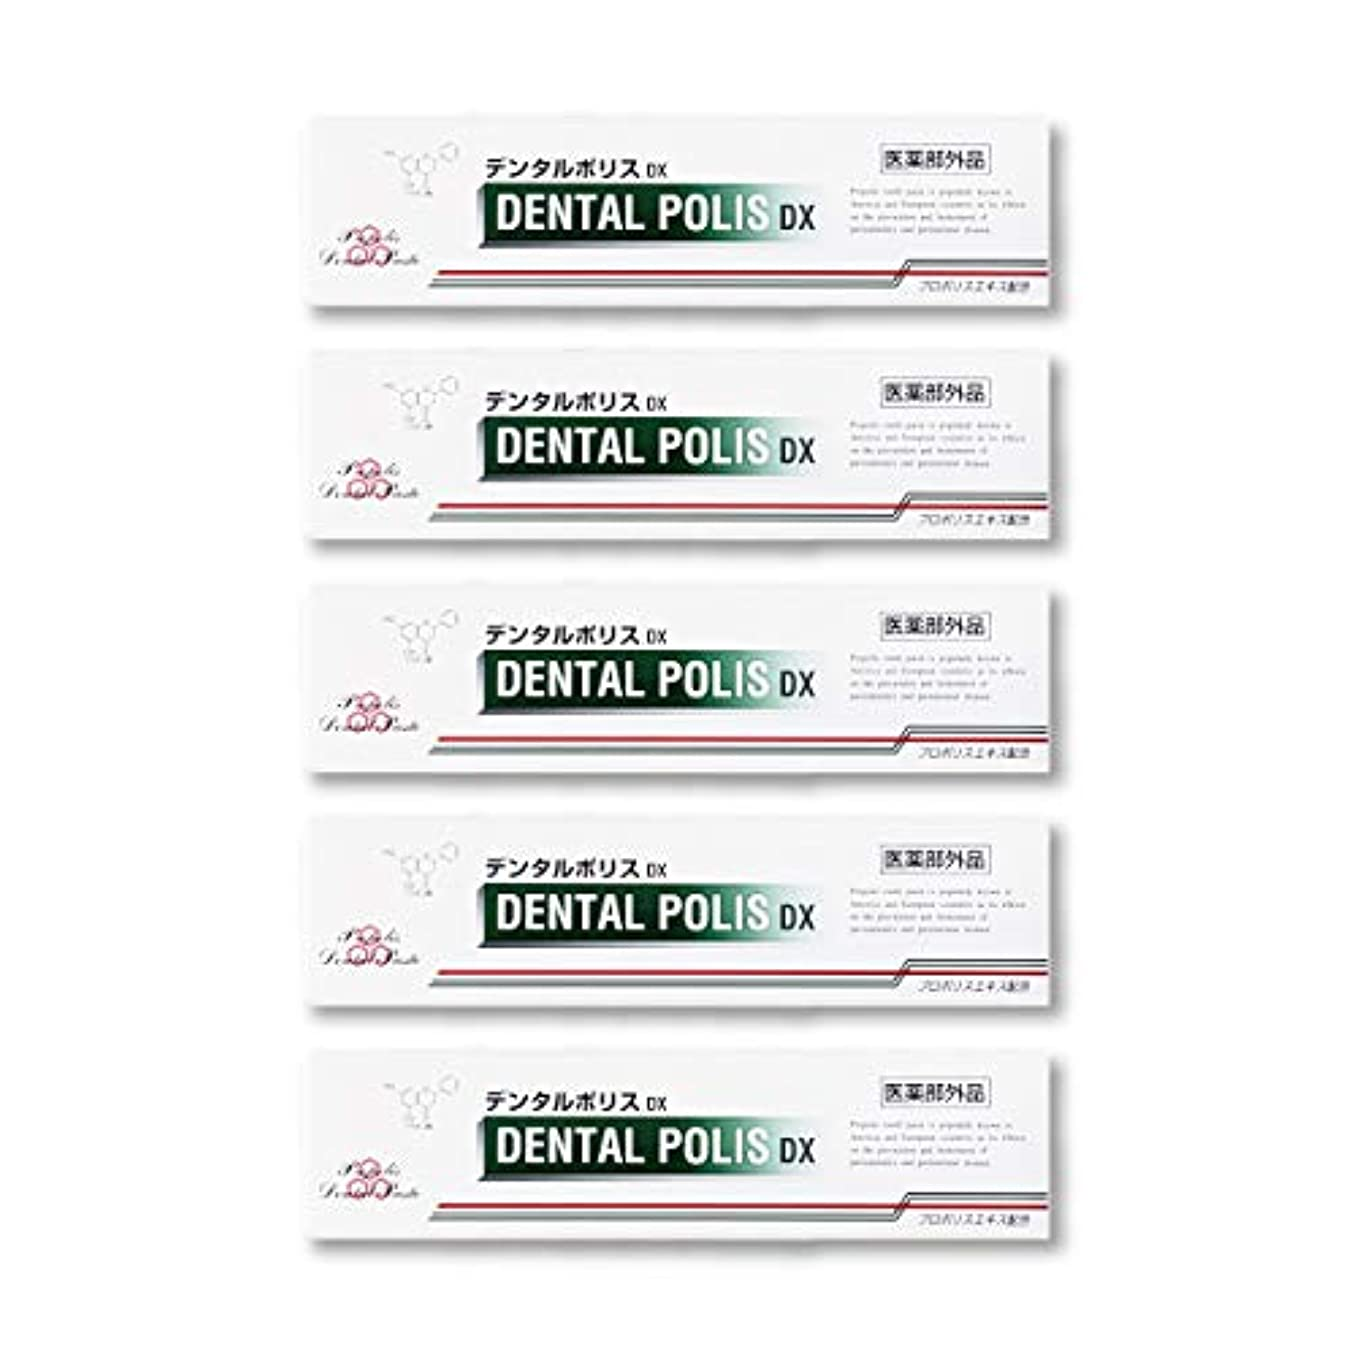 良性ボイド集団デンタルポリスDX  80g   5本セット 医薬部外品  歯みがき